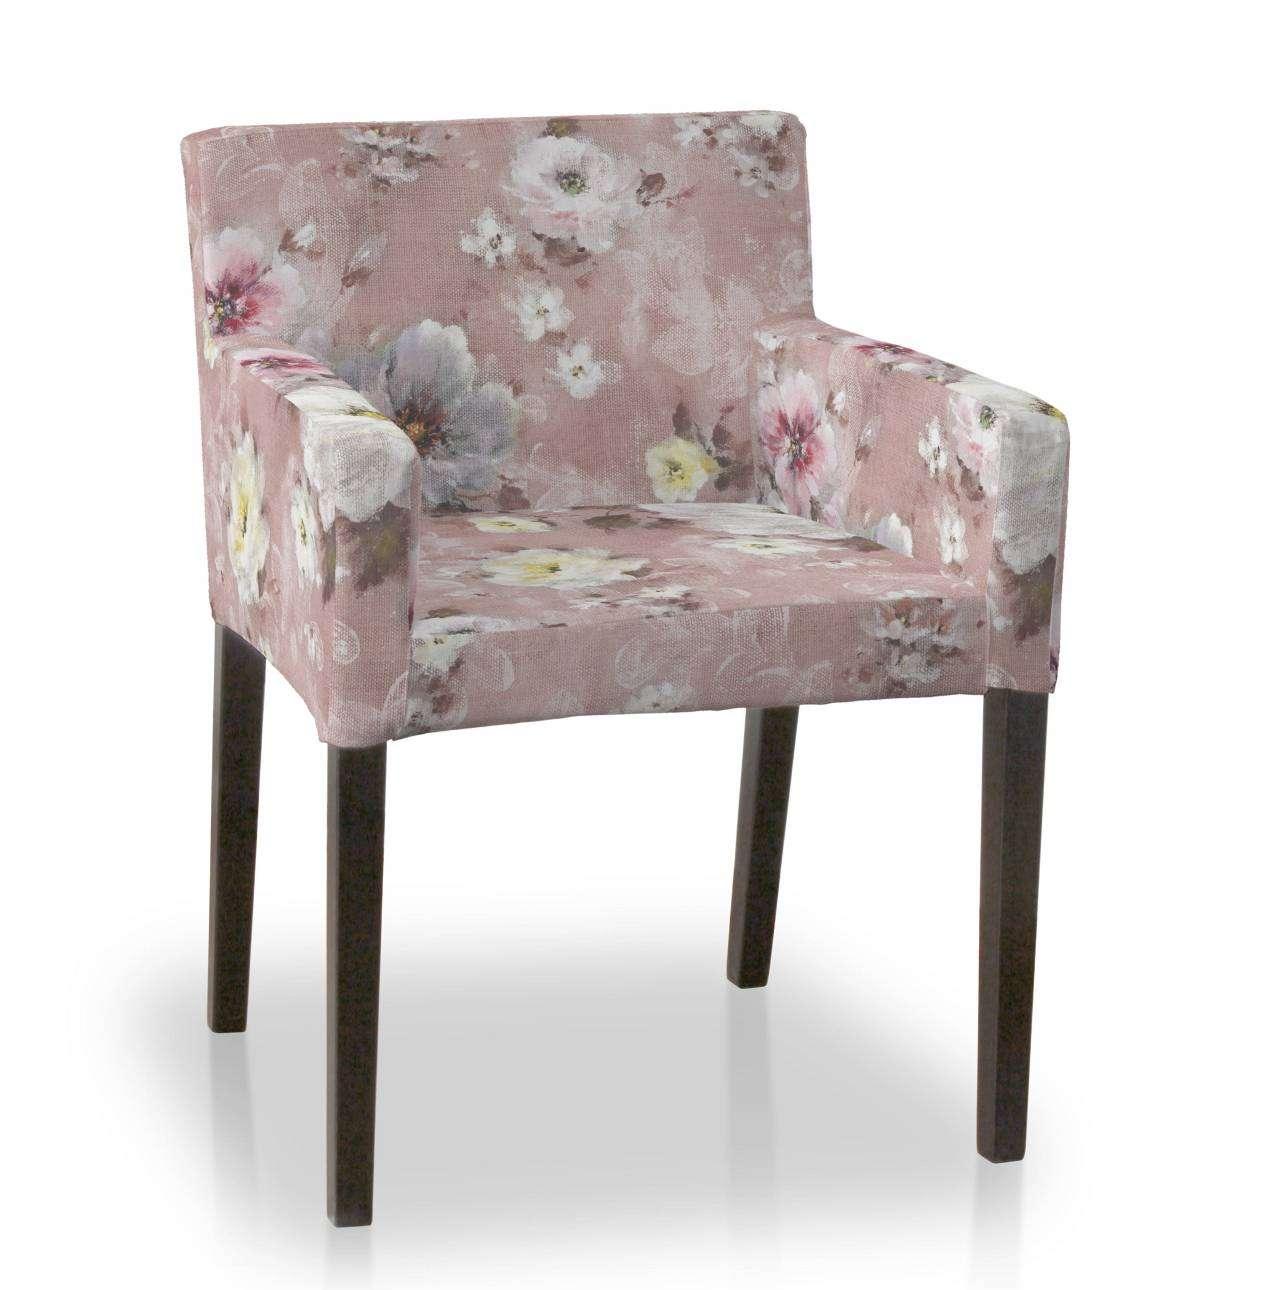 Sukienka na krzesło Nils krzesło Nils w kolekcji Monet, tkanina: 137-83